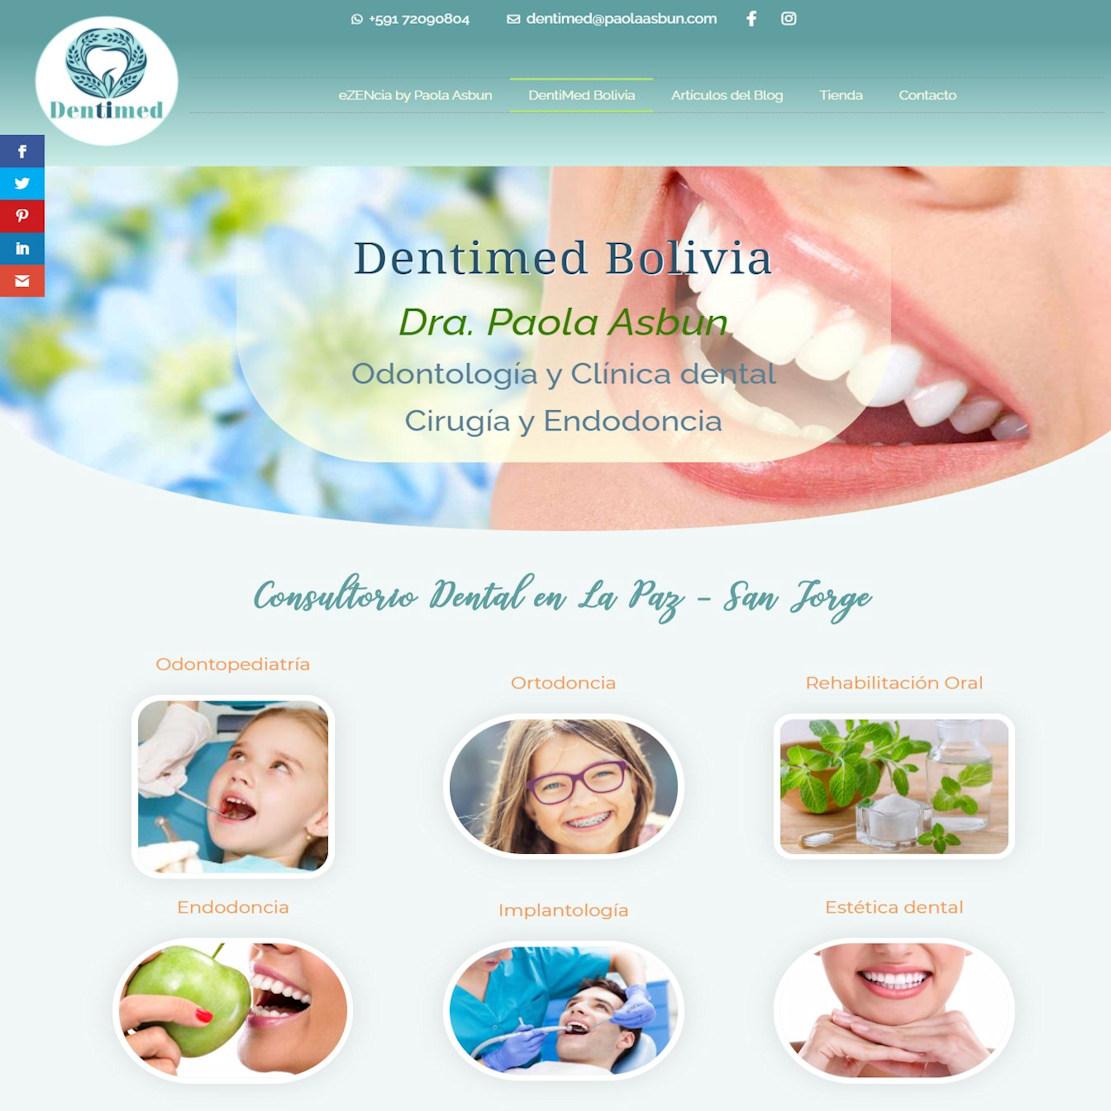 Dentimed Bolivia